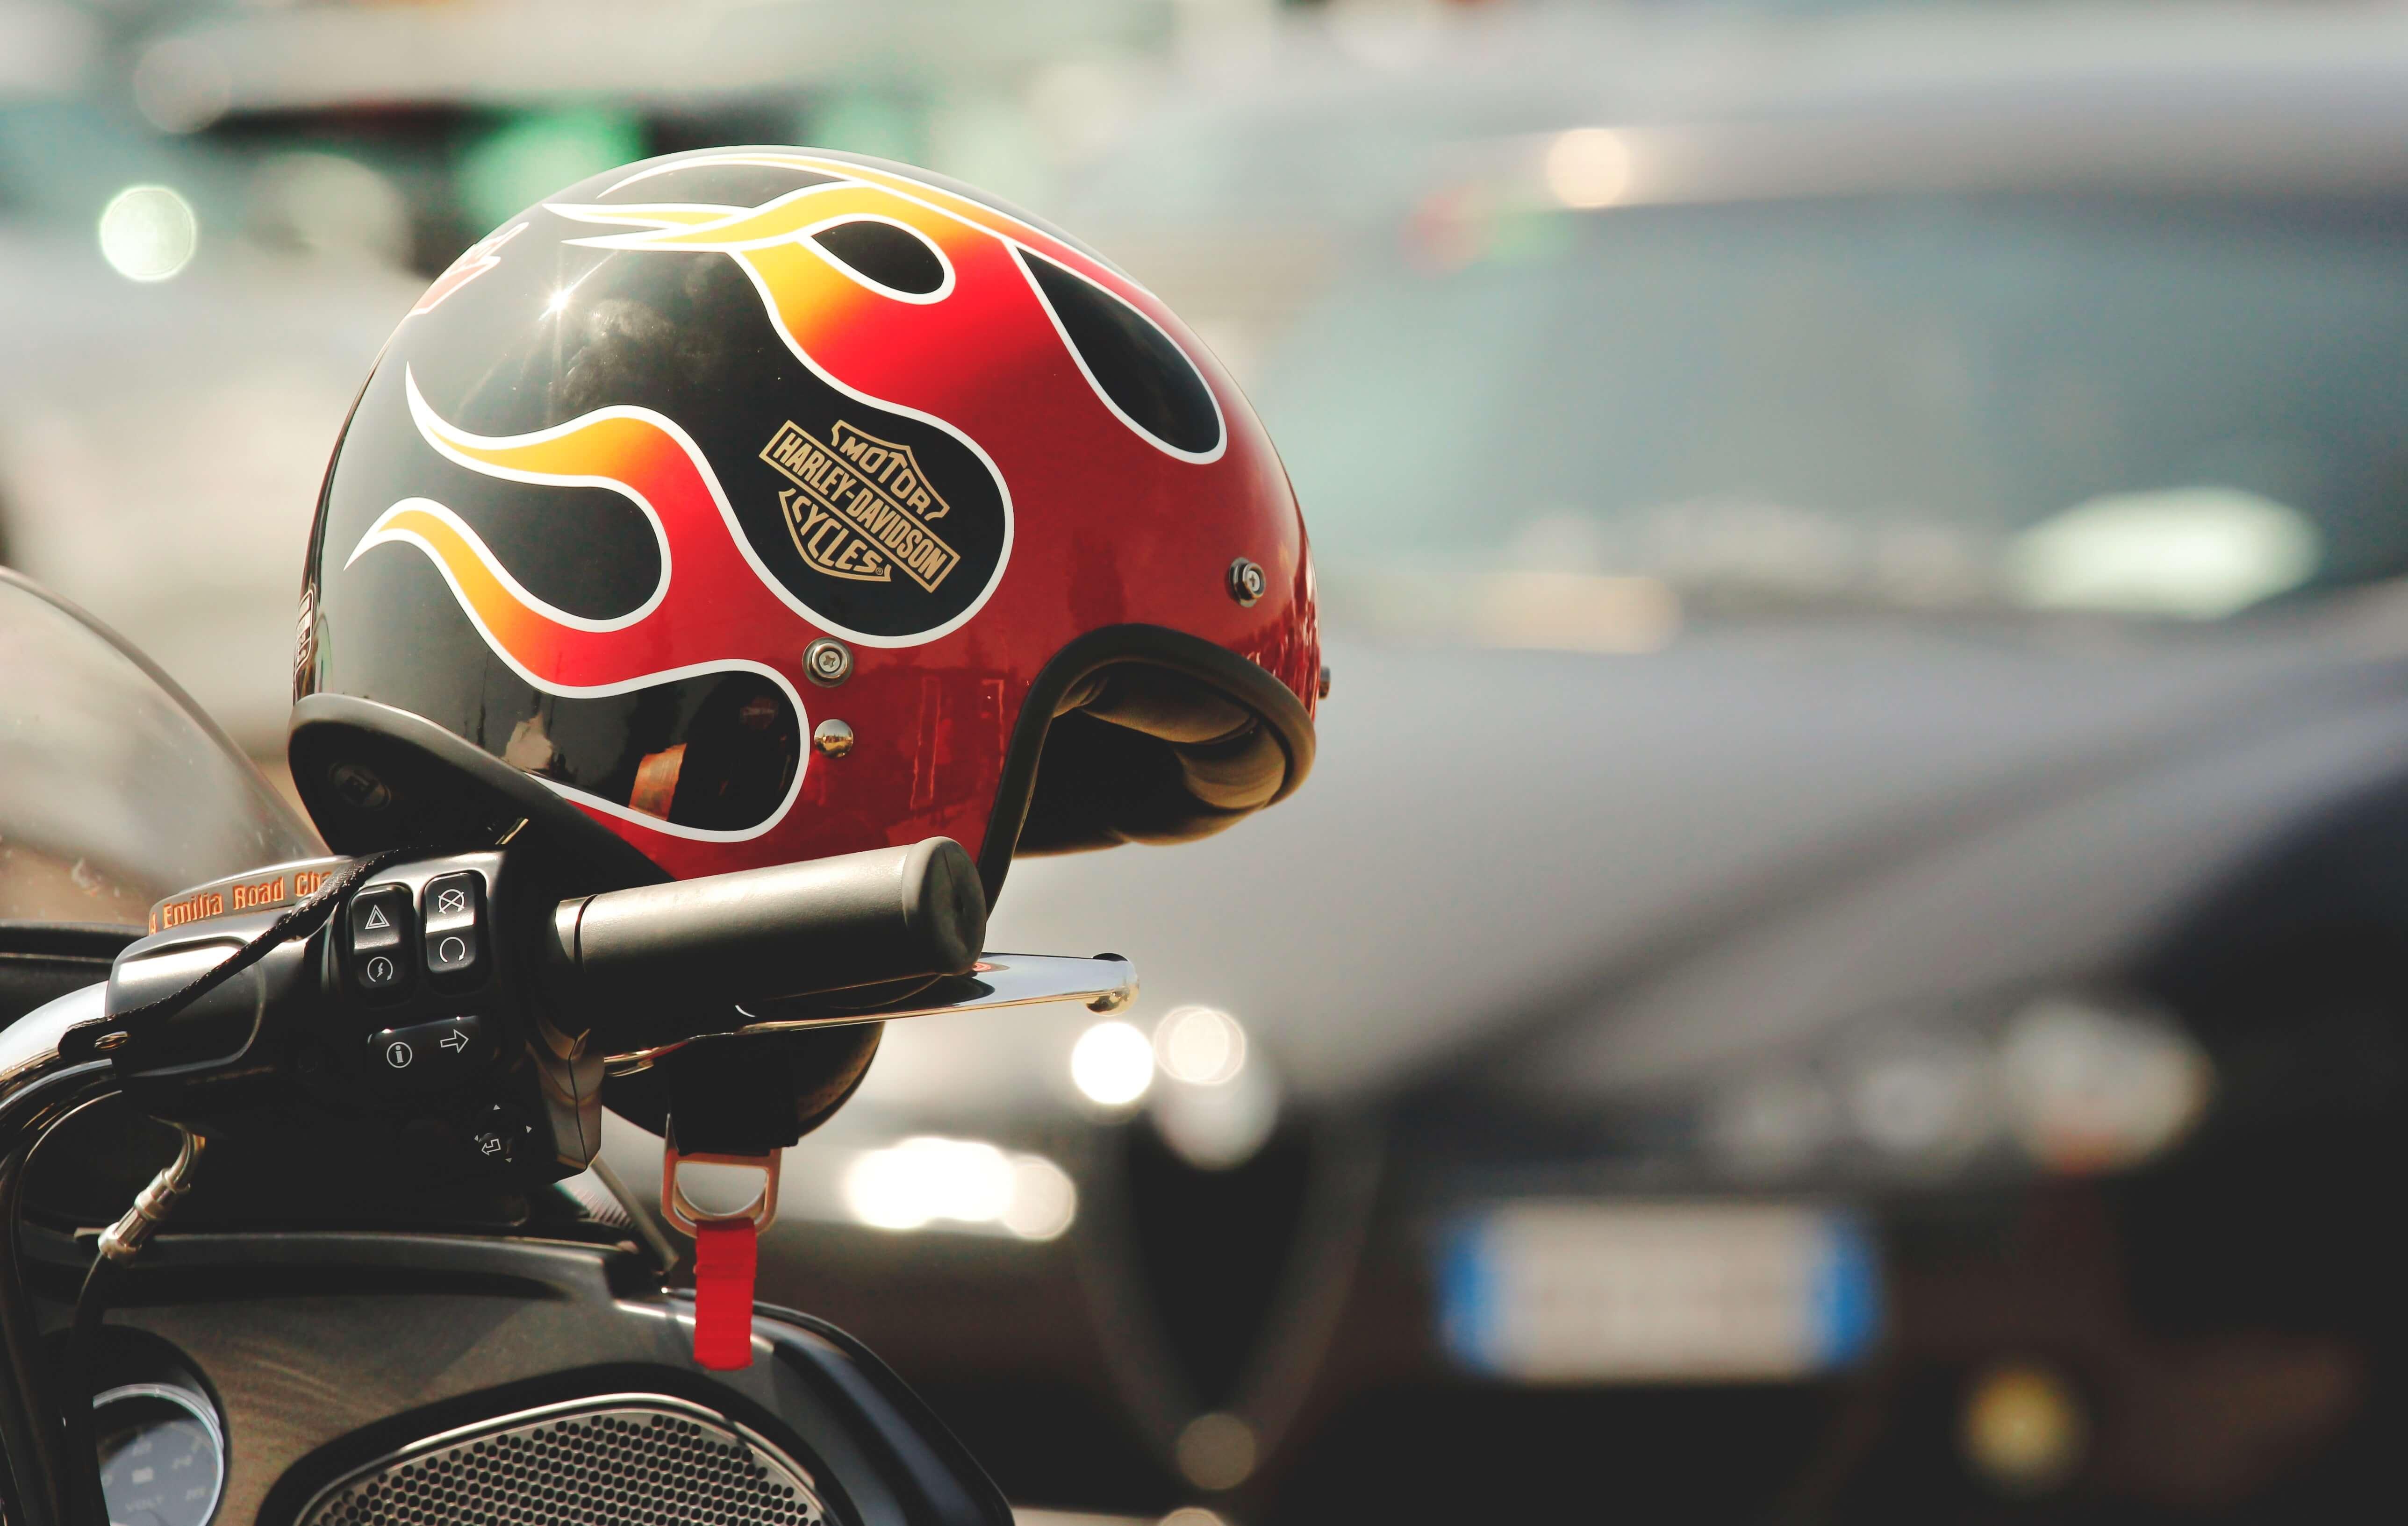 Autoescuela basurto bilbao bizkaia casco moto infracciones